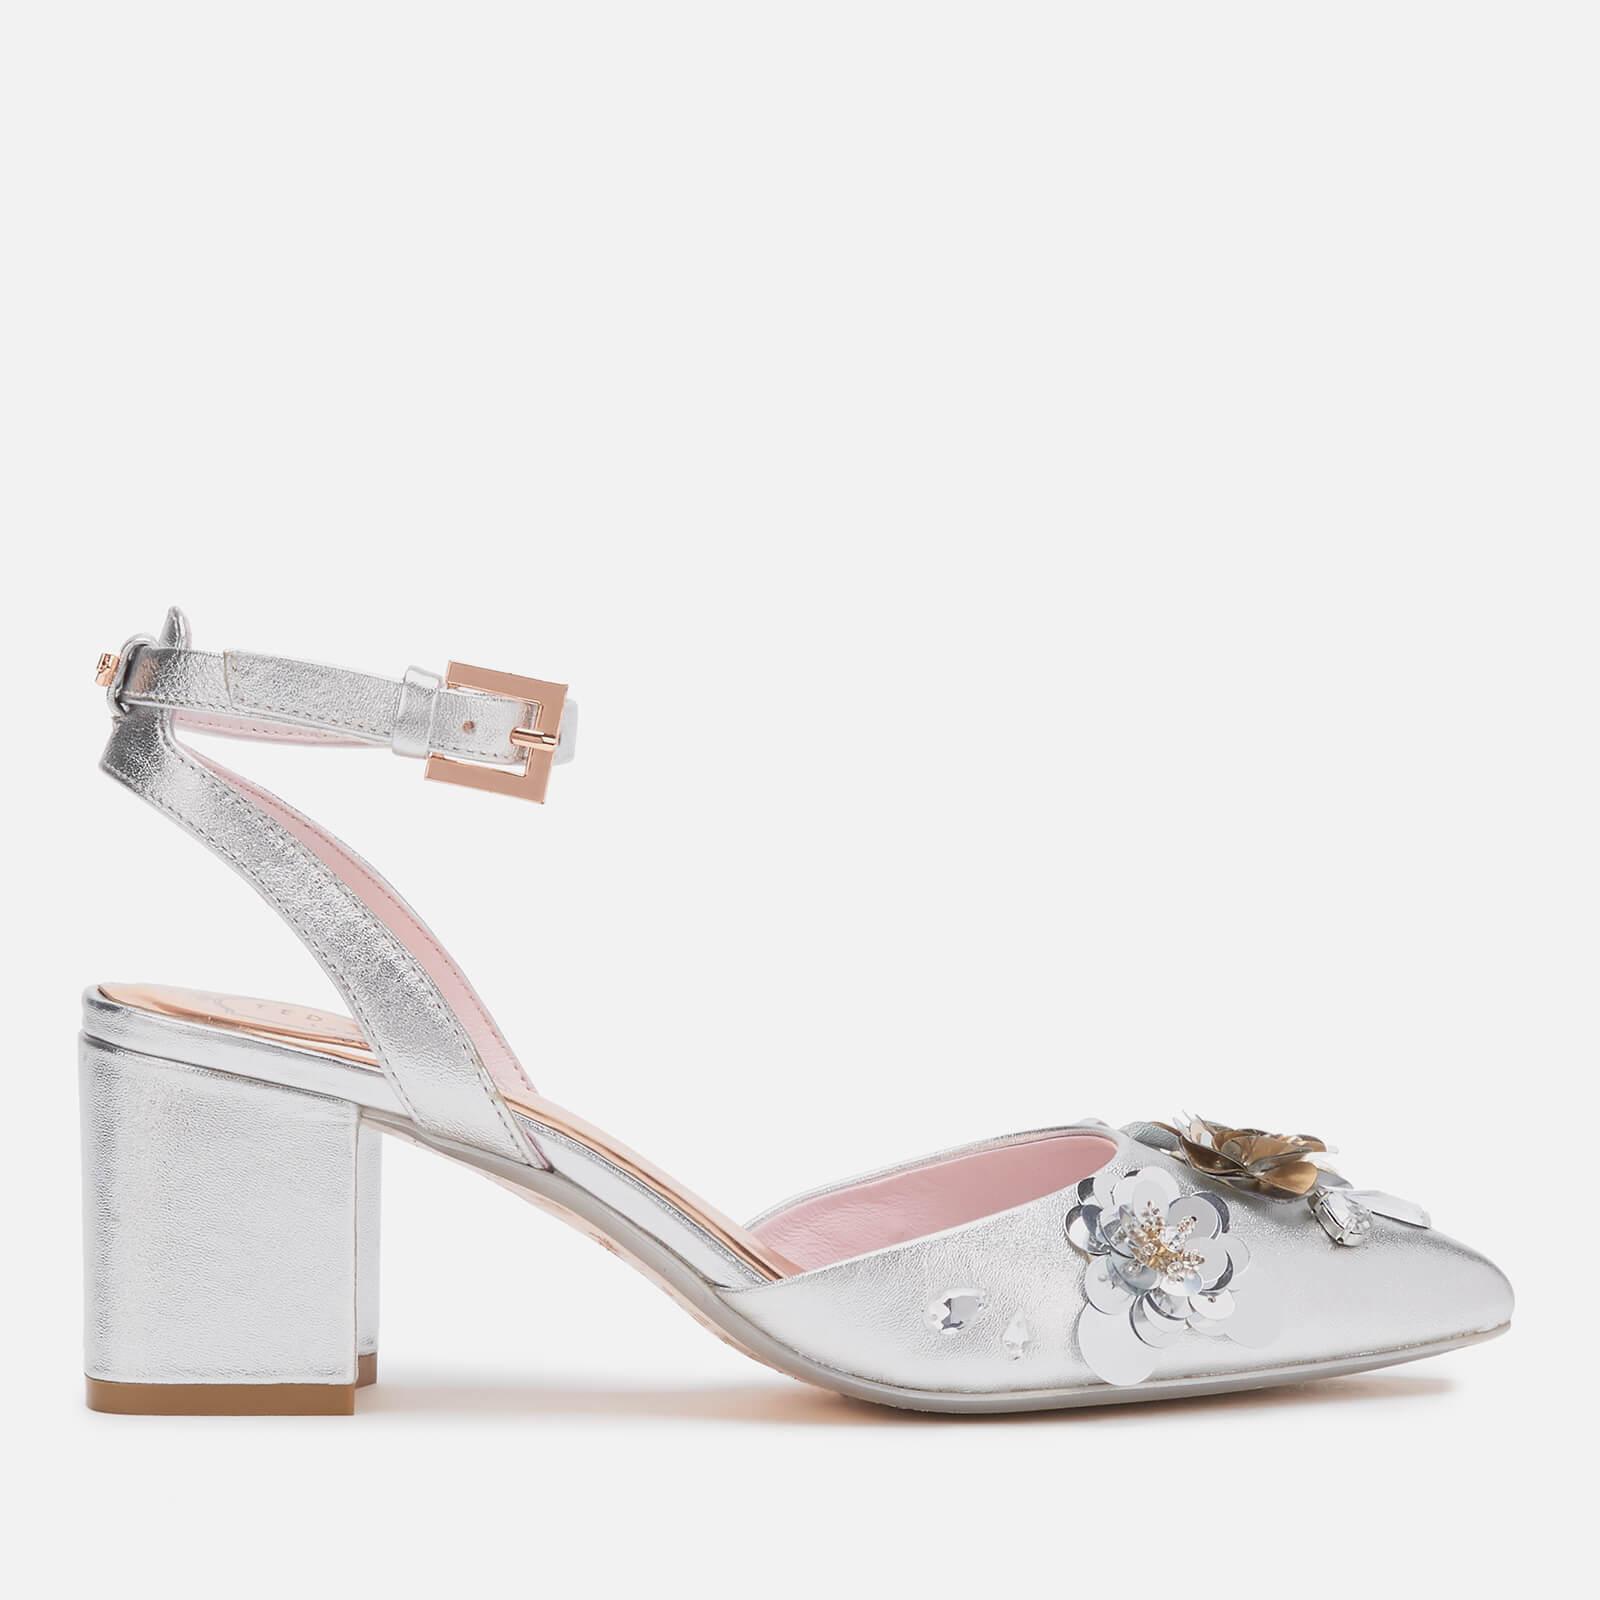 Ted Baker Women's Odesca Floral Embellished Block Heeled Sandals - Silver - UK 4